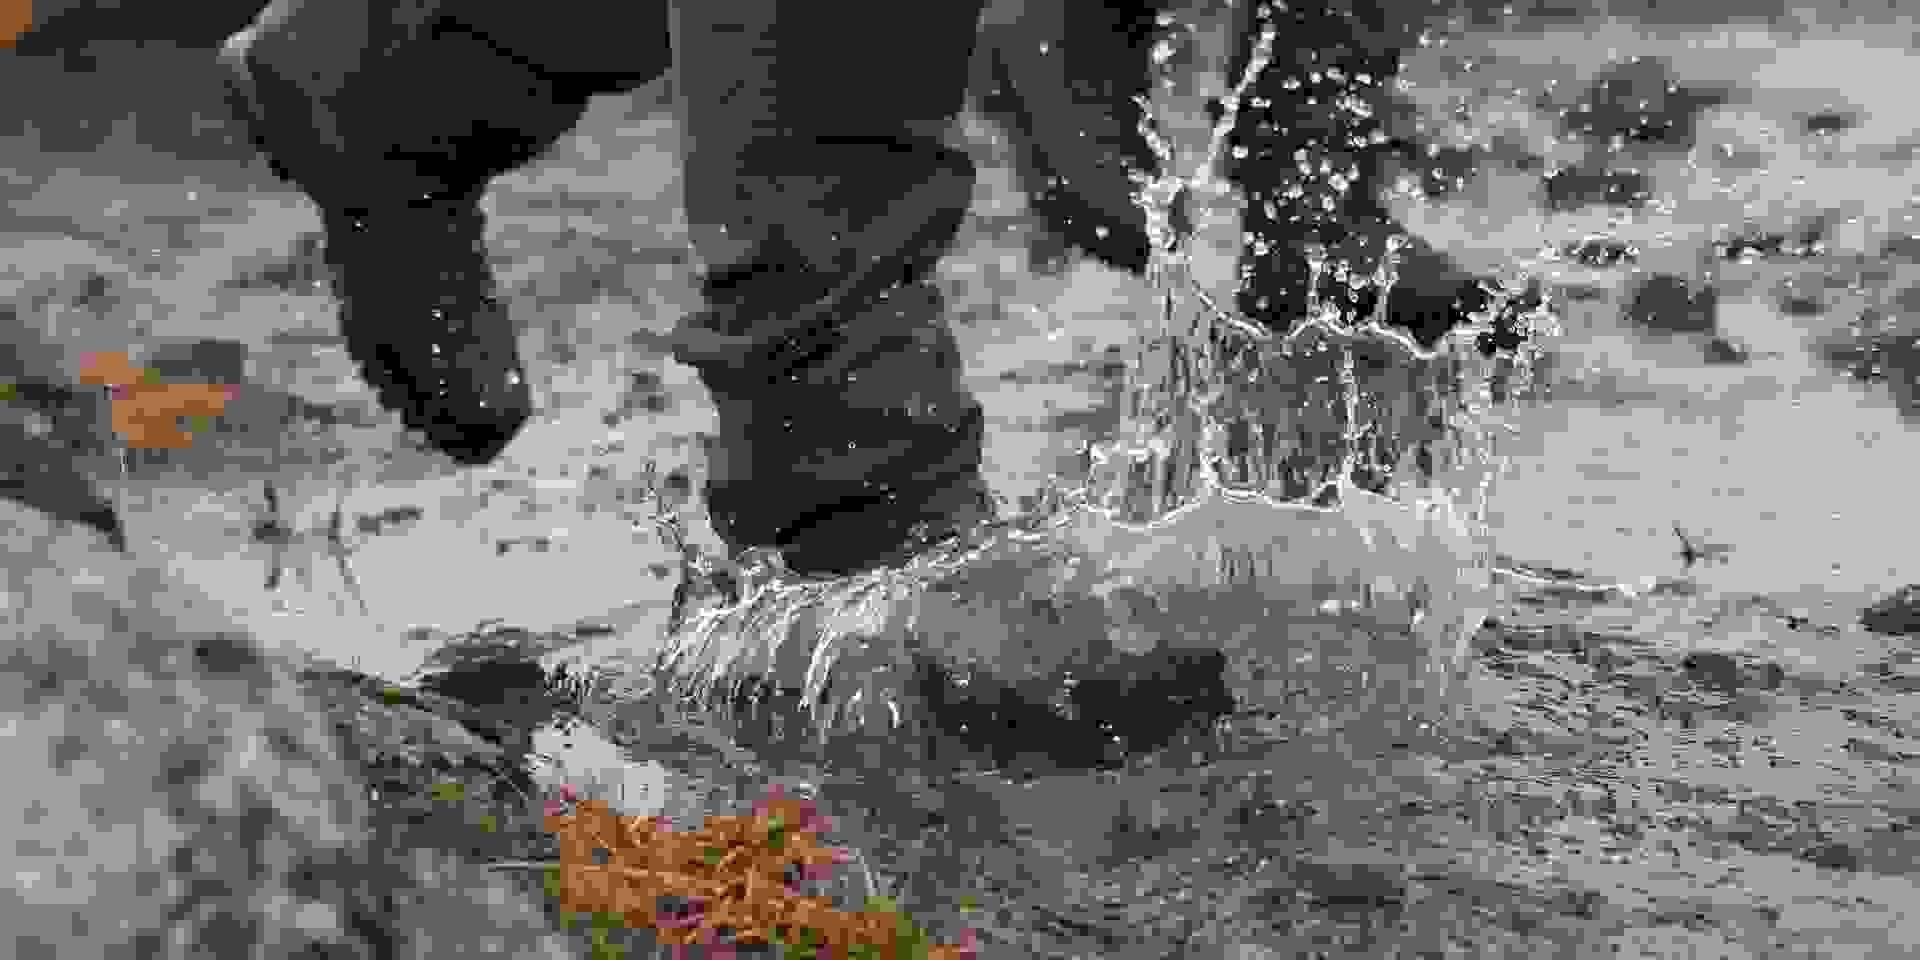 Zwei Wanderer durchschreiten mit wasserdichten Wanderschuhen ein Flussbett